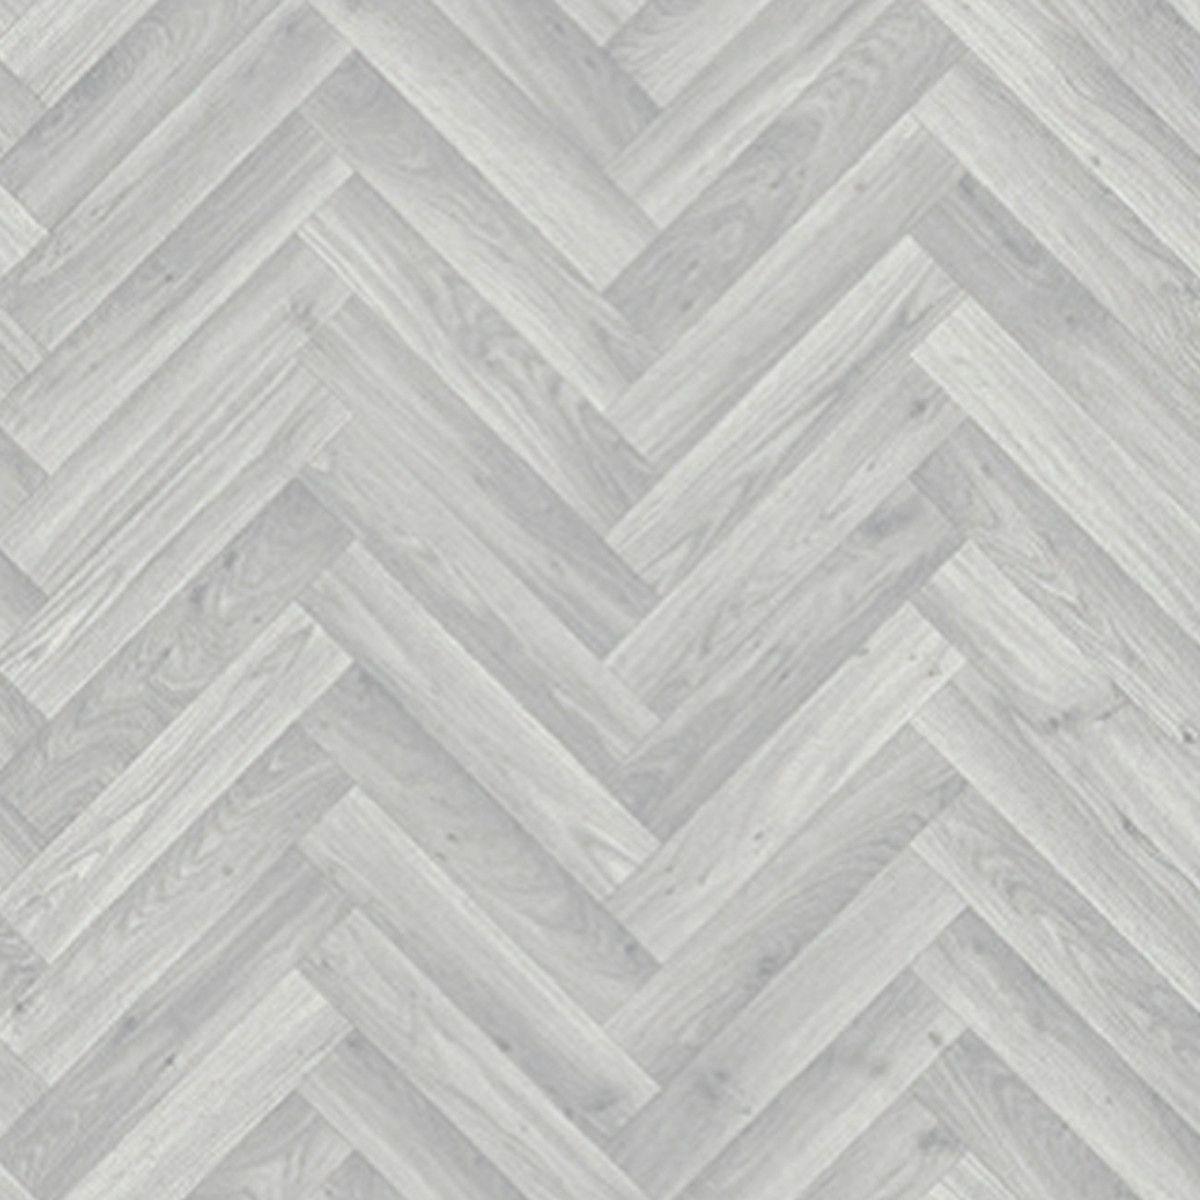 Buy Lifestyle Baroque Dawn Herringbone Vinyl Flooring